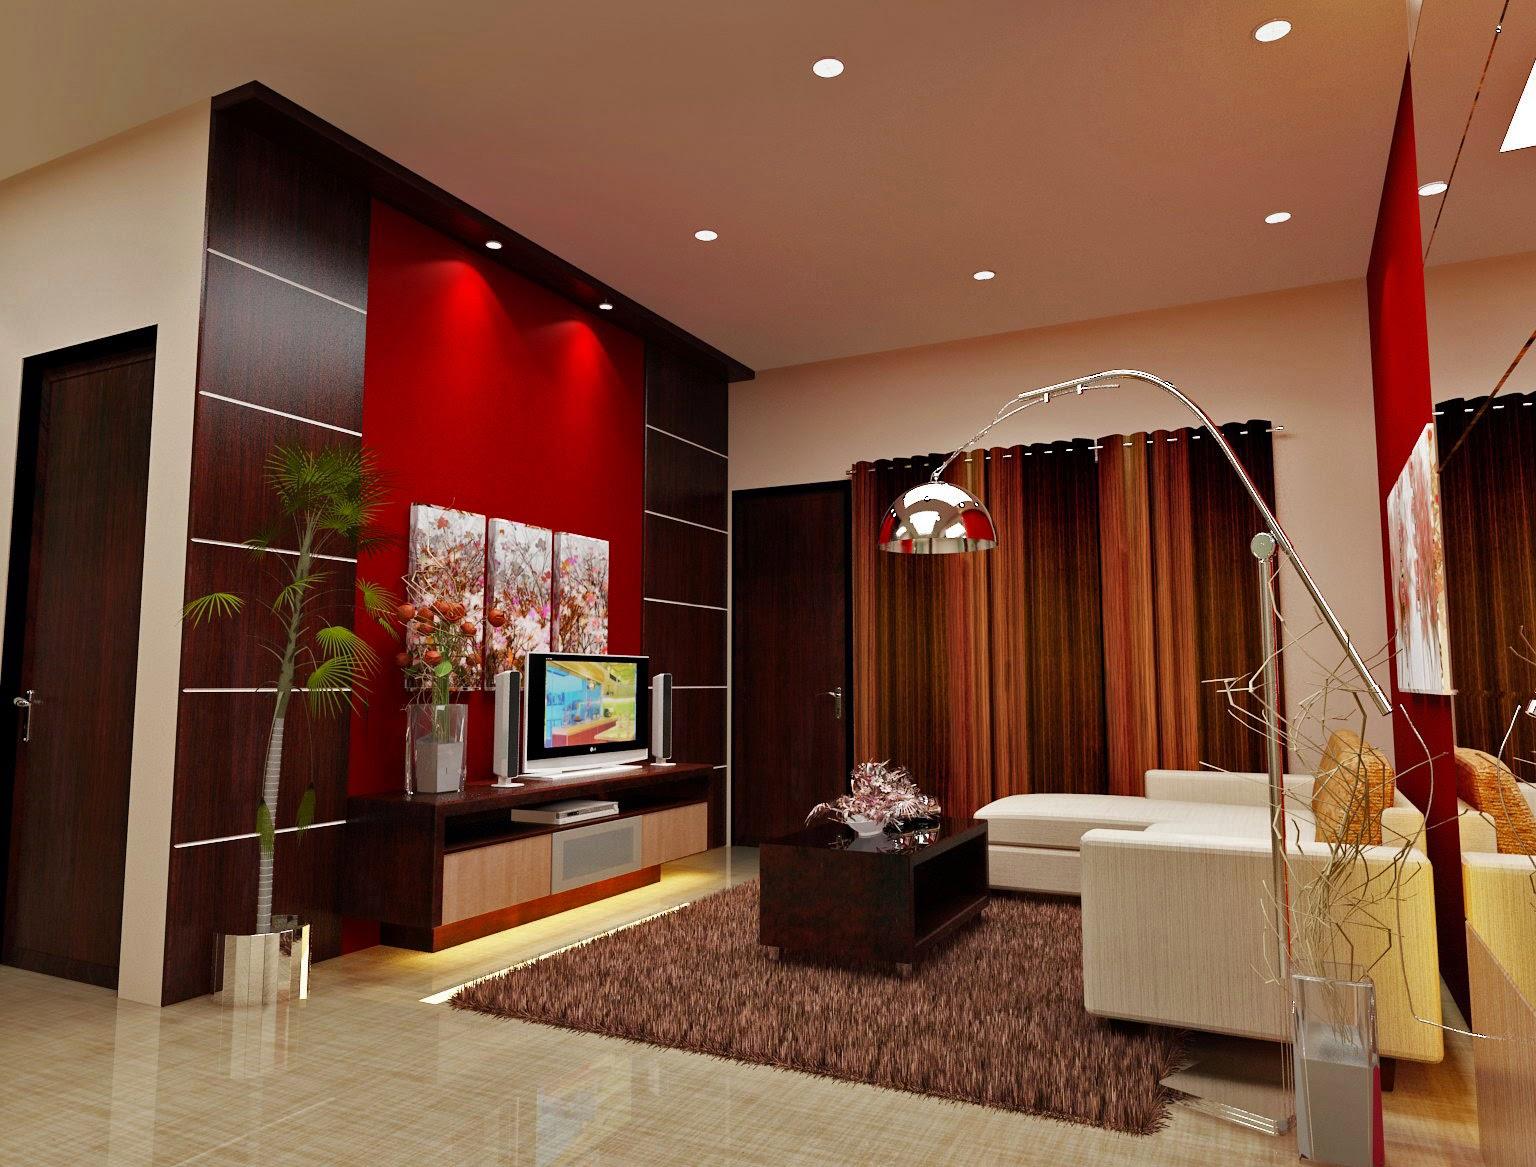 Desain Ruang Tamu Dan Dapur Jadi Satu